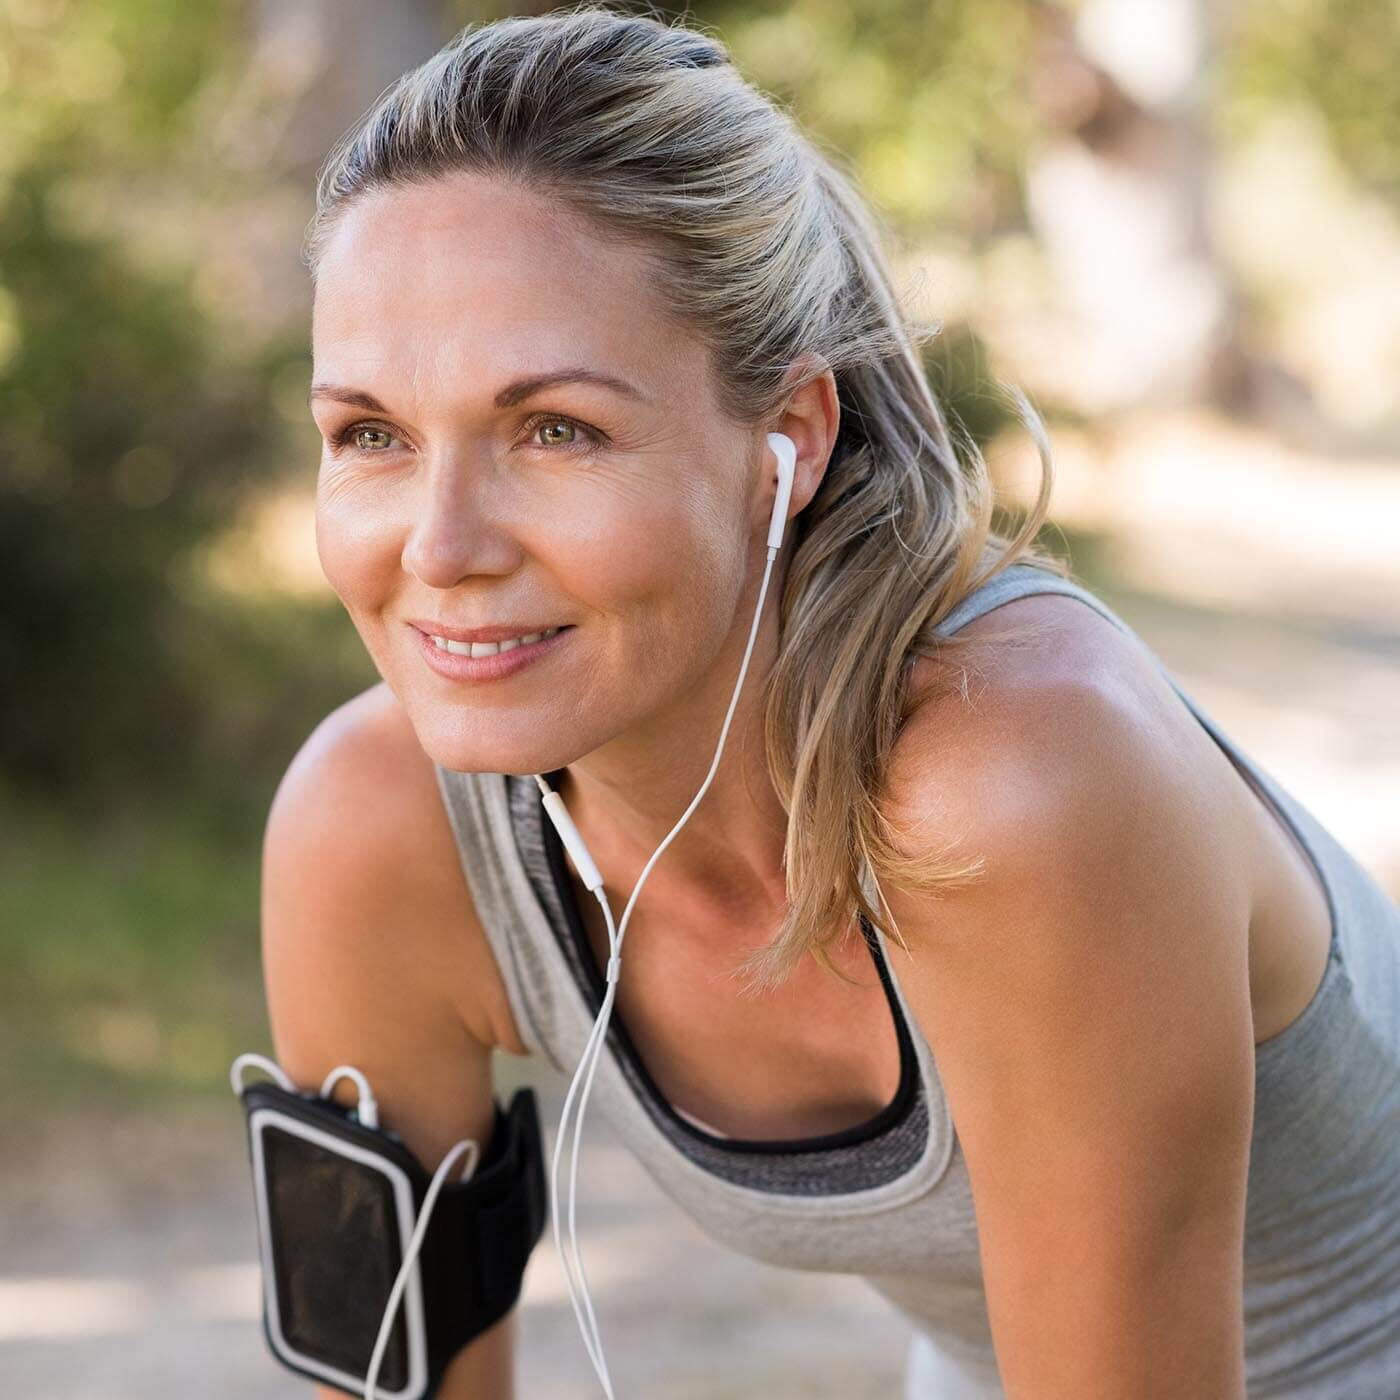 Pourquoi et comment pratiquer une activité physique régulière